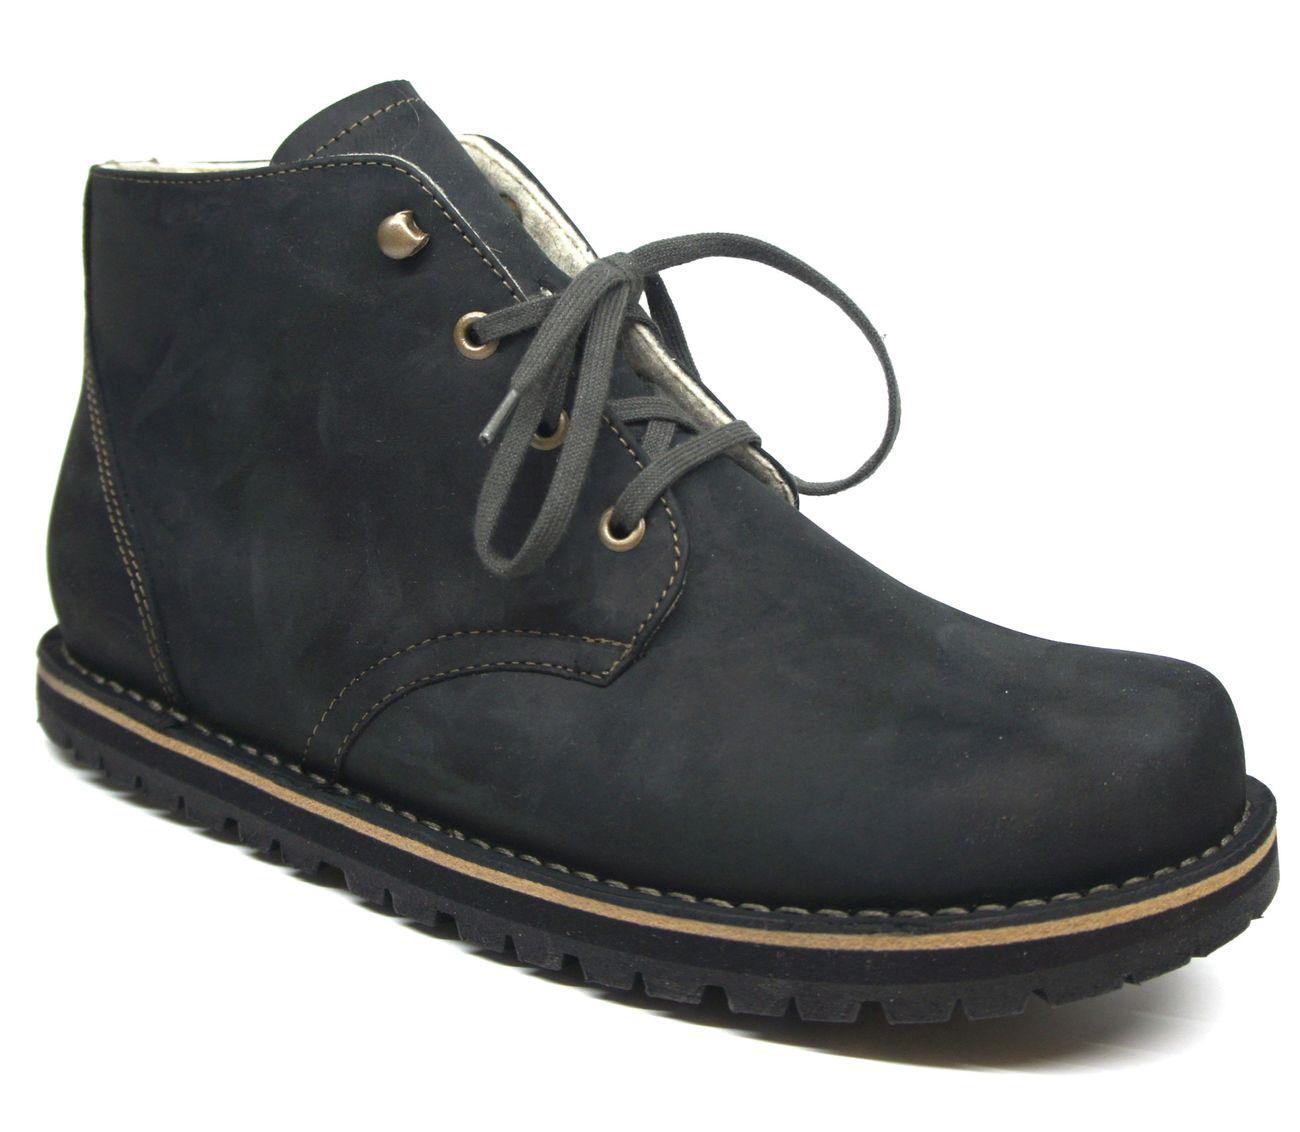 Waldviertler Schuhe - Köstinger Schuhe 9919491f23